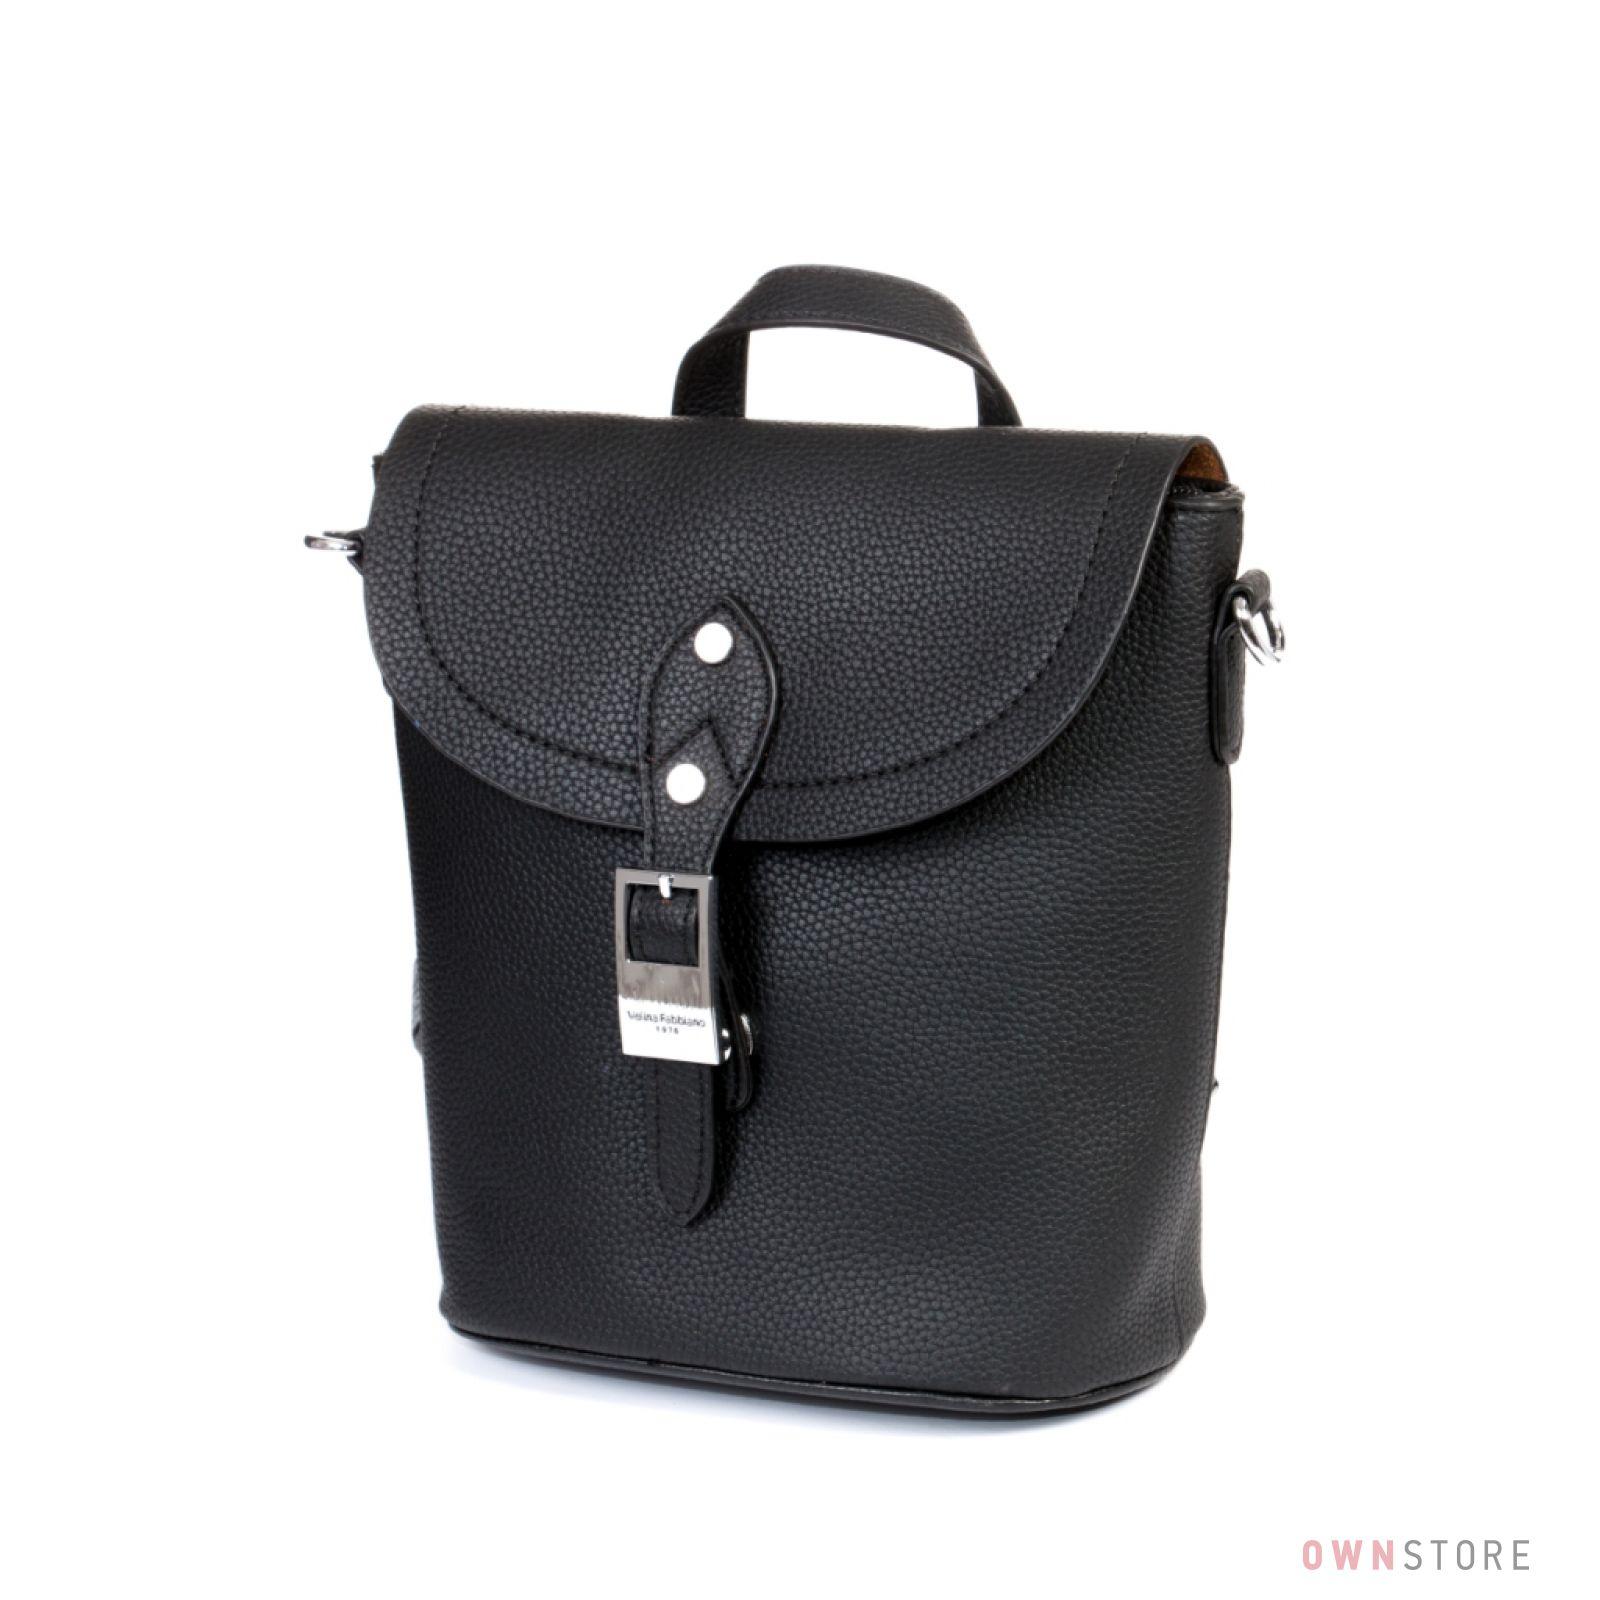 b7e0dc6b6a01 Купить сумку-рюкзак женскую с ручками в стразах от Велина Фабиано - арт.  551388